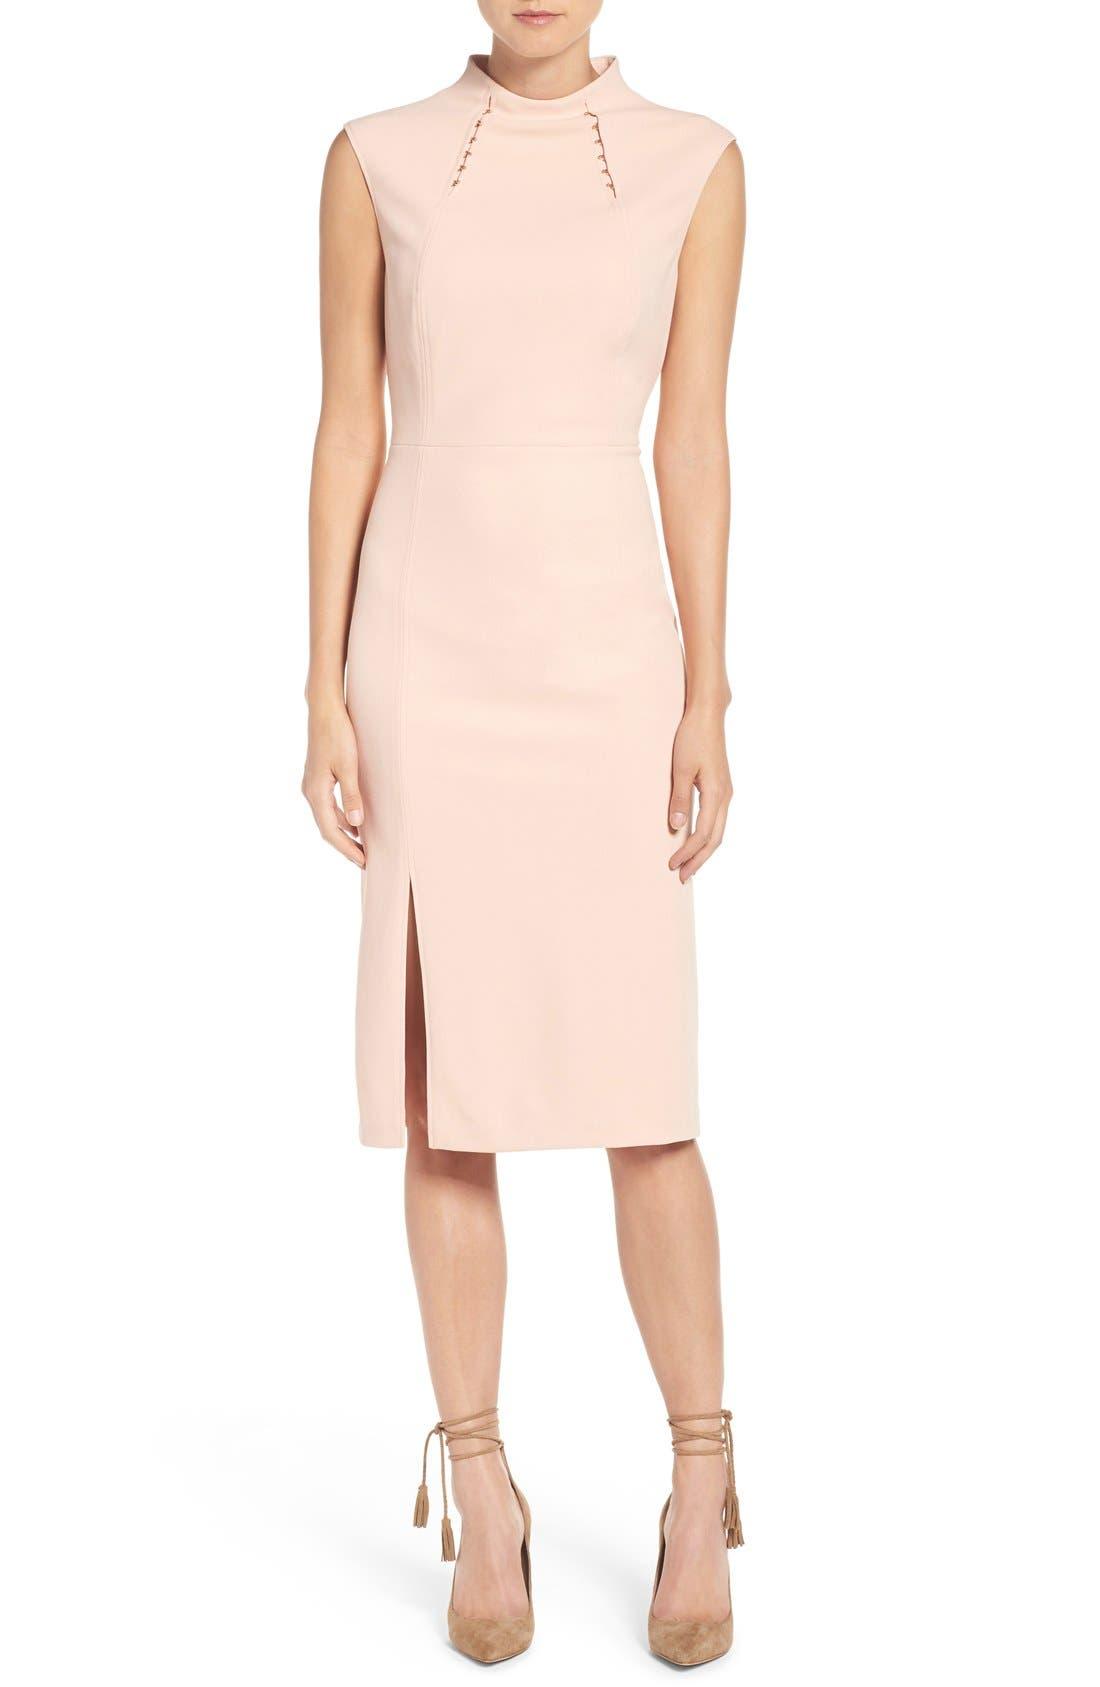 Alternate Image 1 Selected - Ivanka Trump Crepe Midi Dress